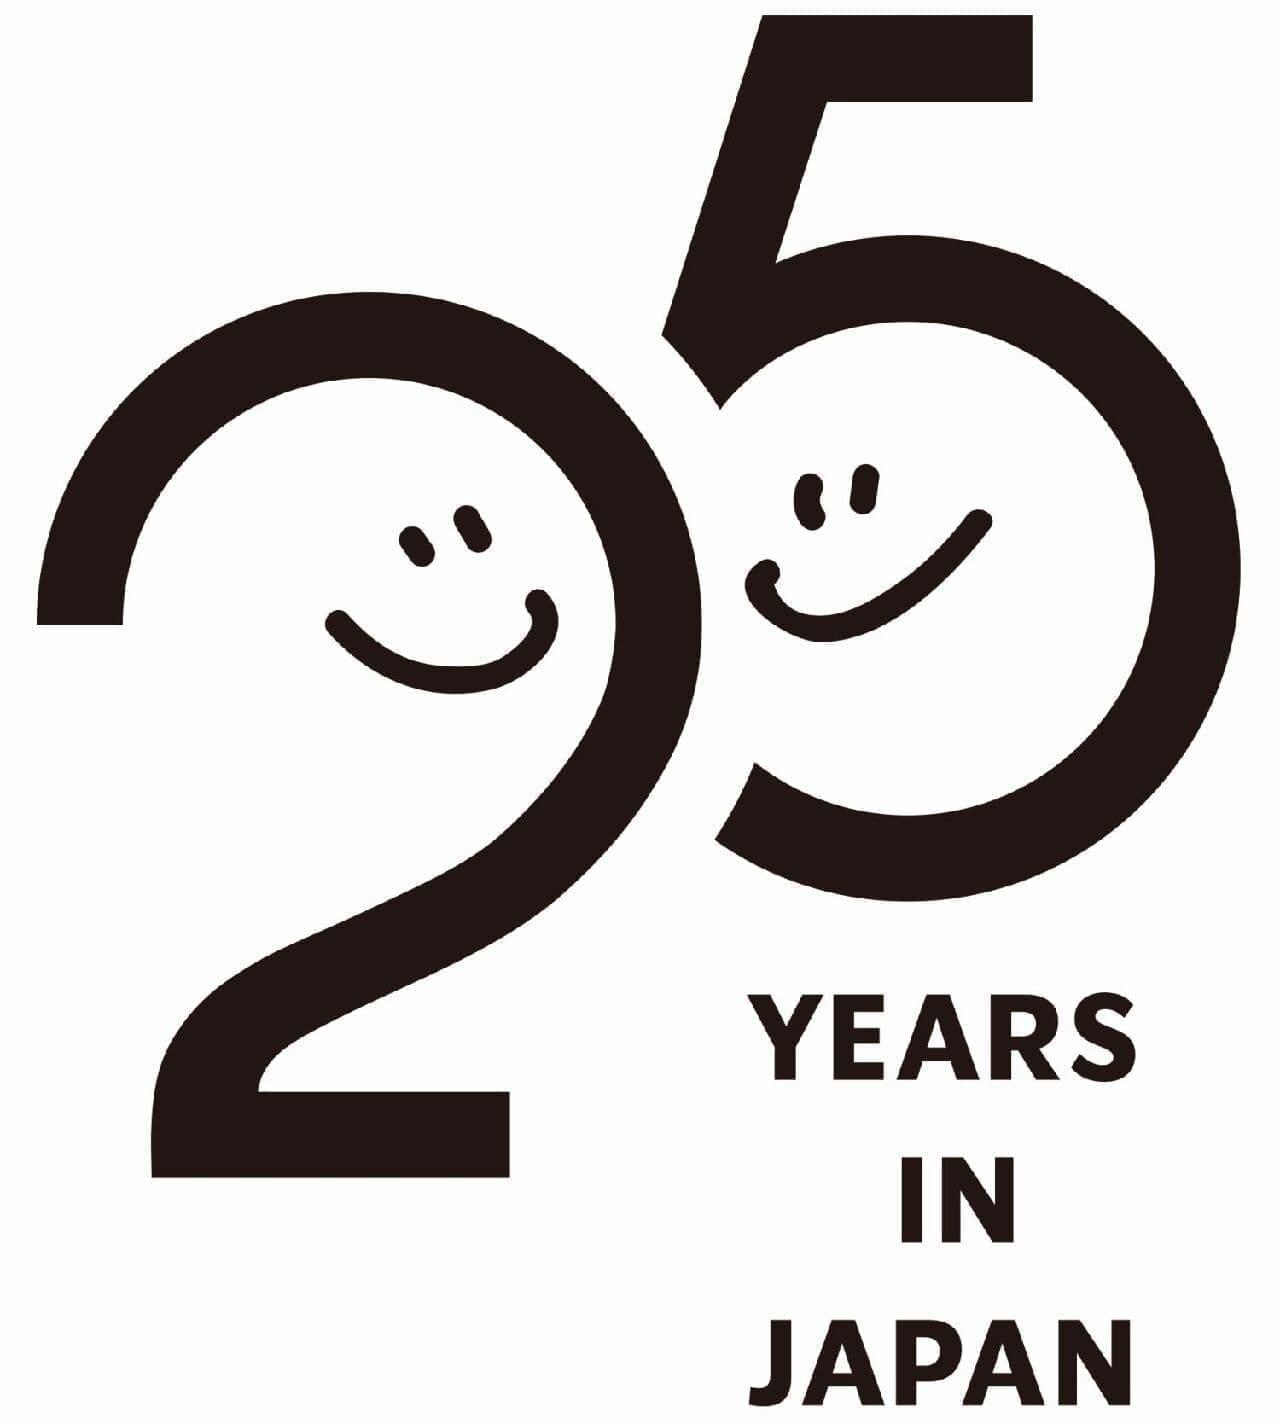 スタバ日本上陸25周年!限定タンブラー・マグなど -- グリーンエプロン姿のベアリスタも